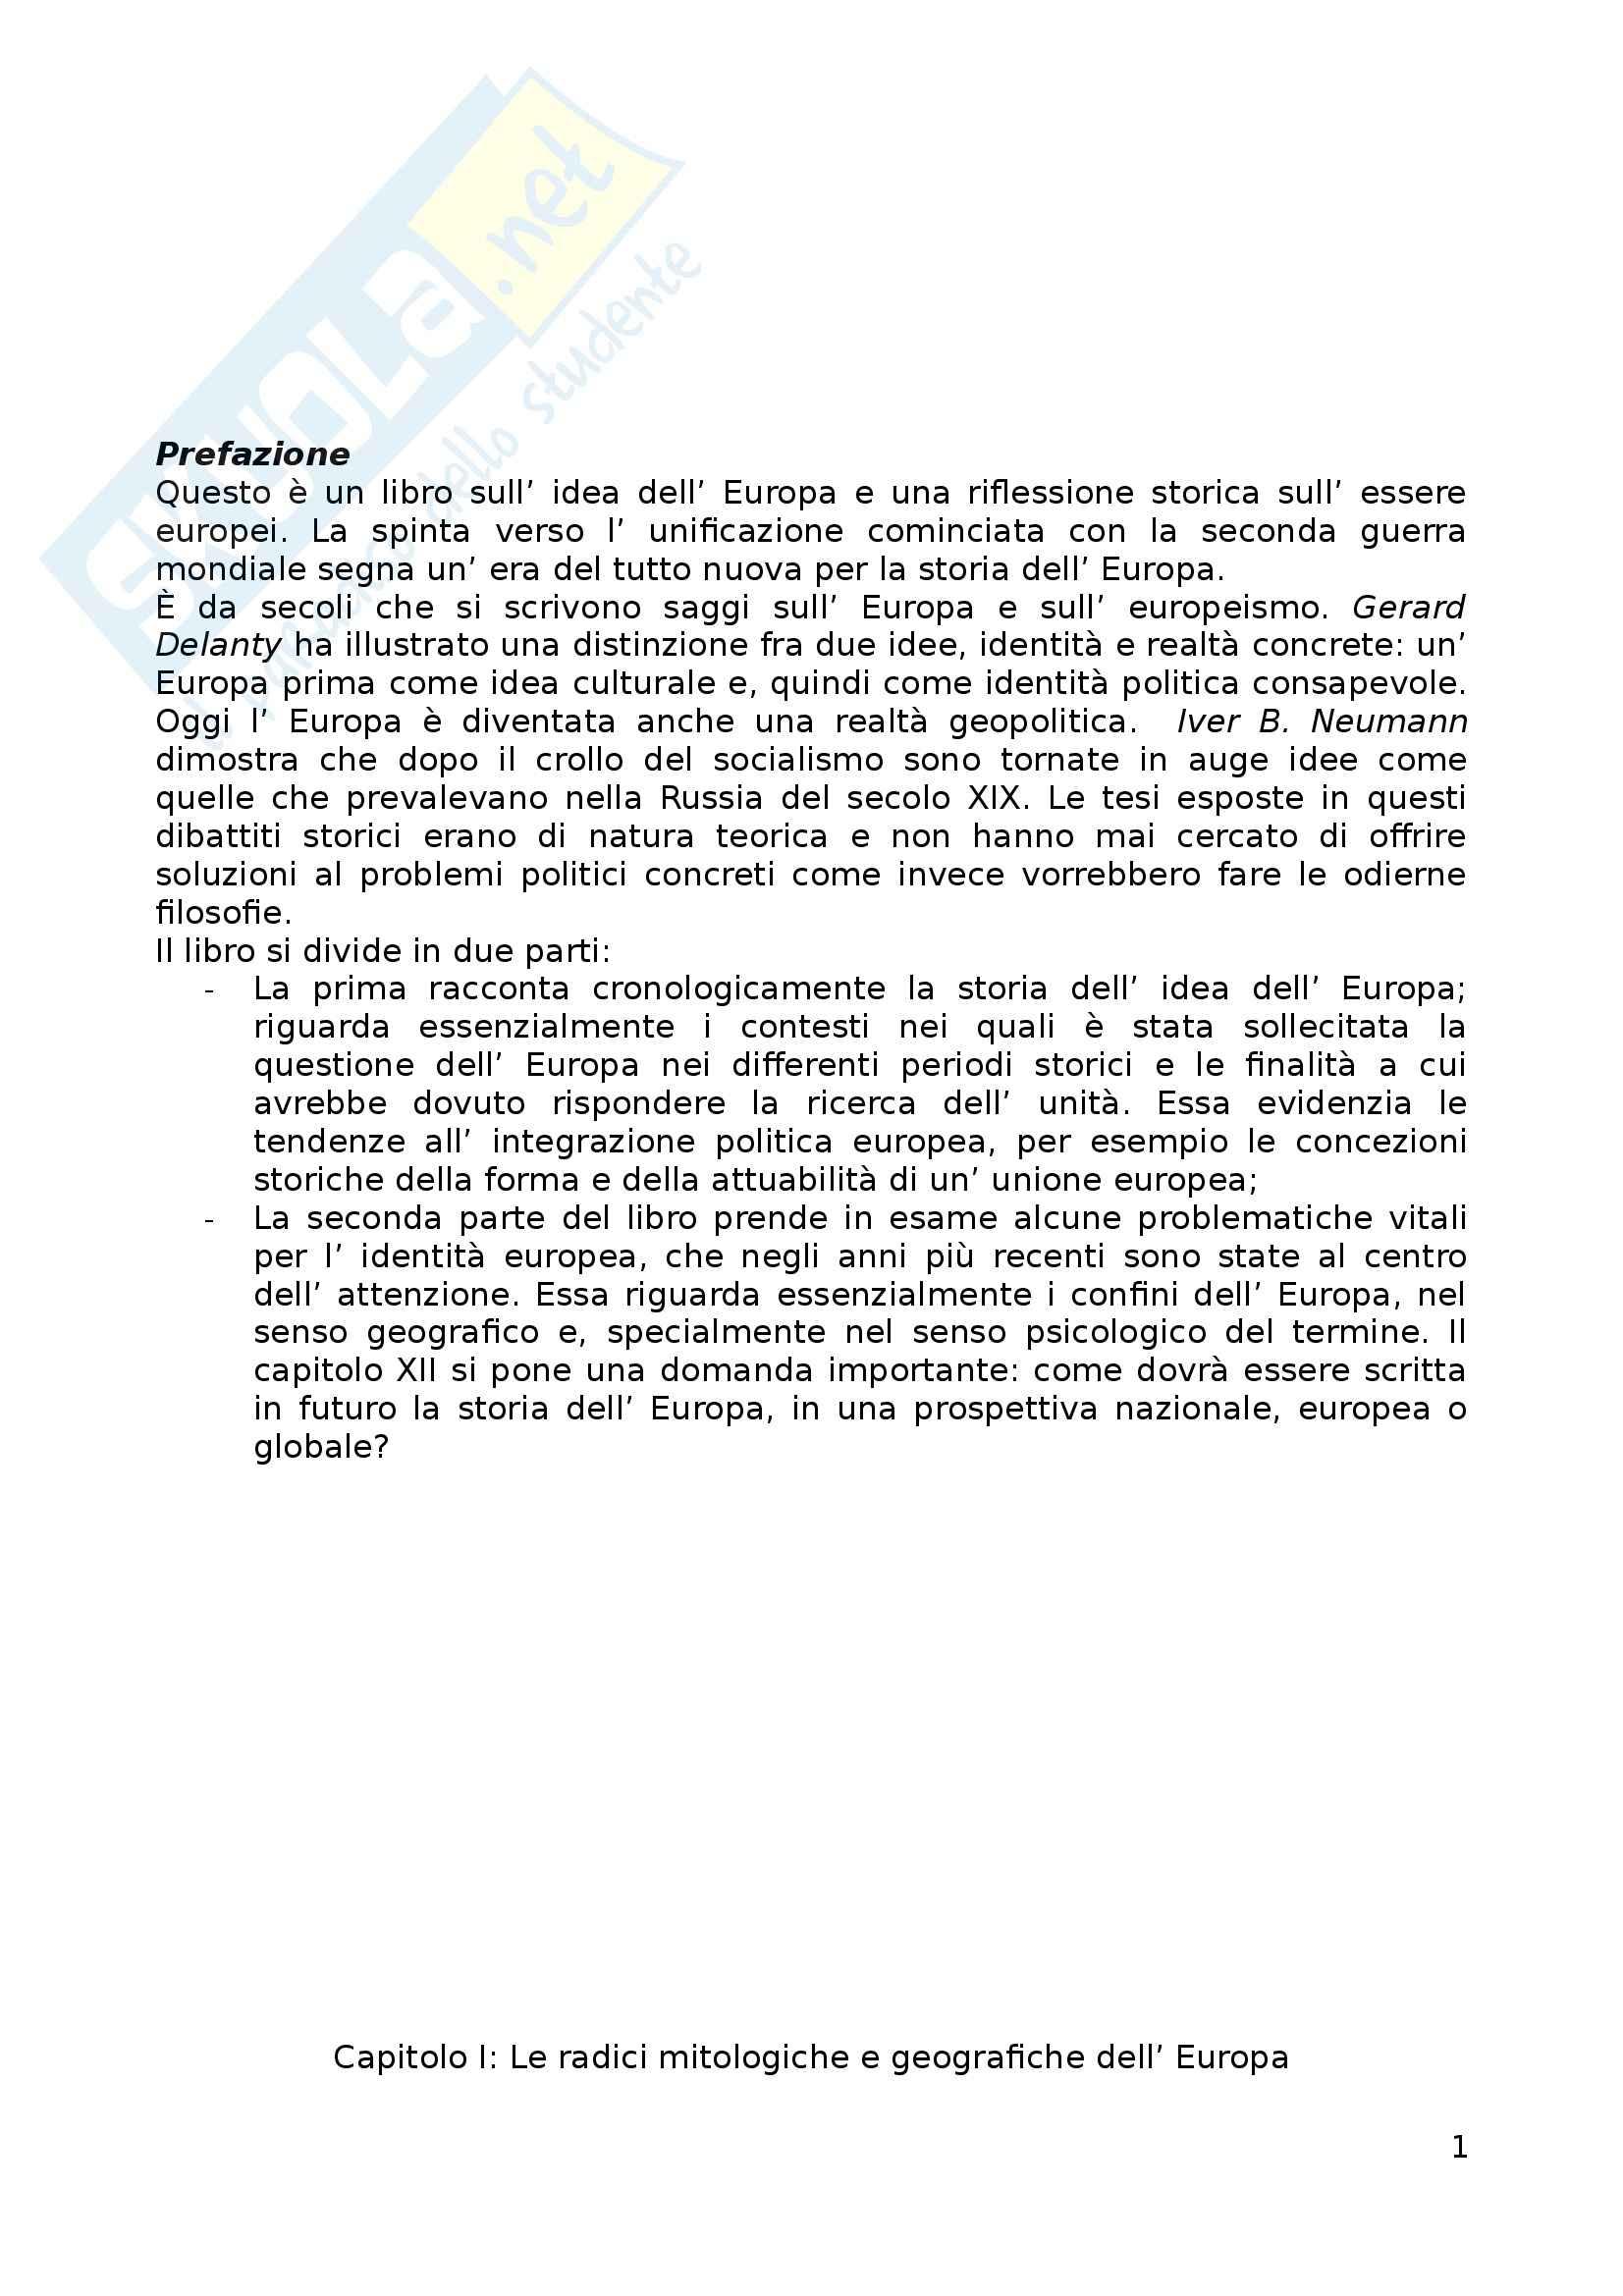 Riassunto esame Storia dell'Europa, prof. Zannini, libro consigliato Europa - Storia di un'idea e di un'identità, Mikkeli